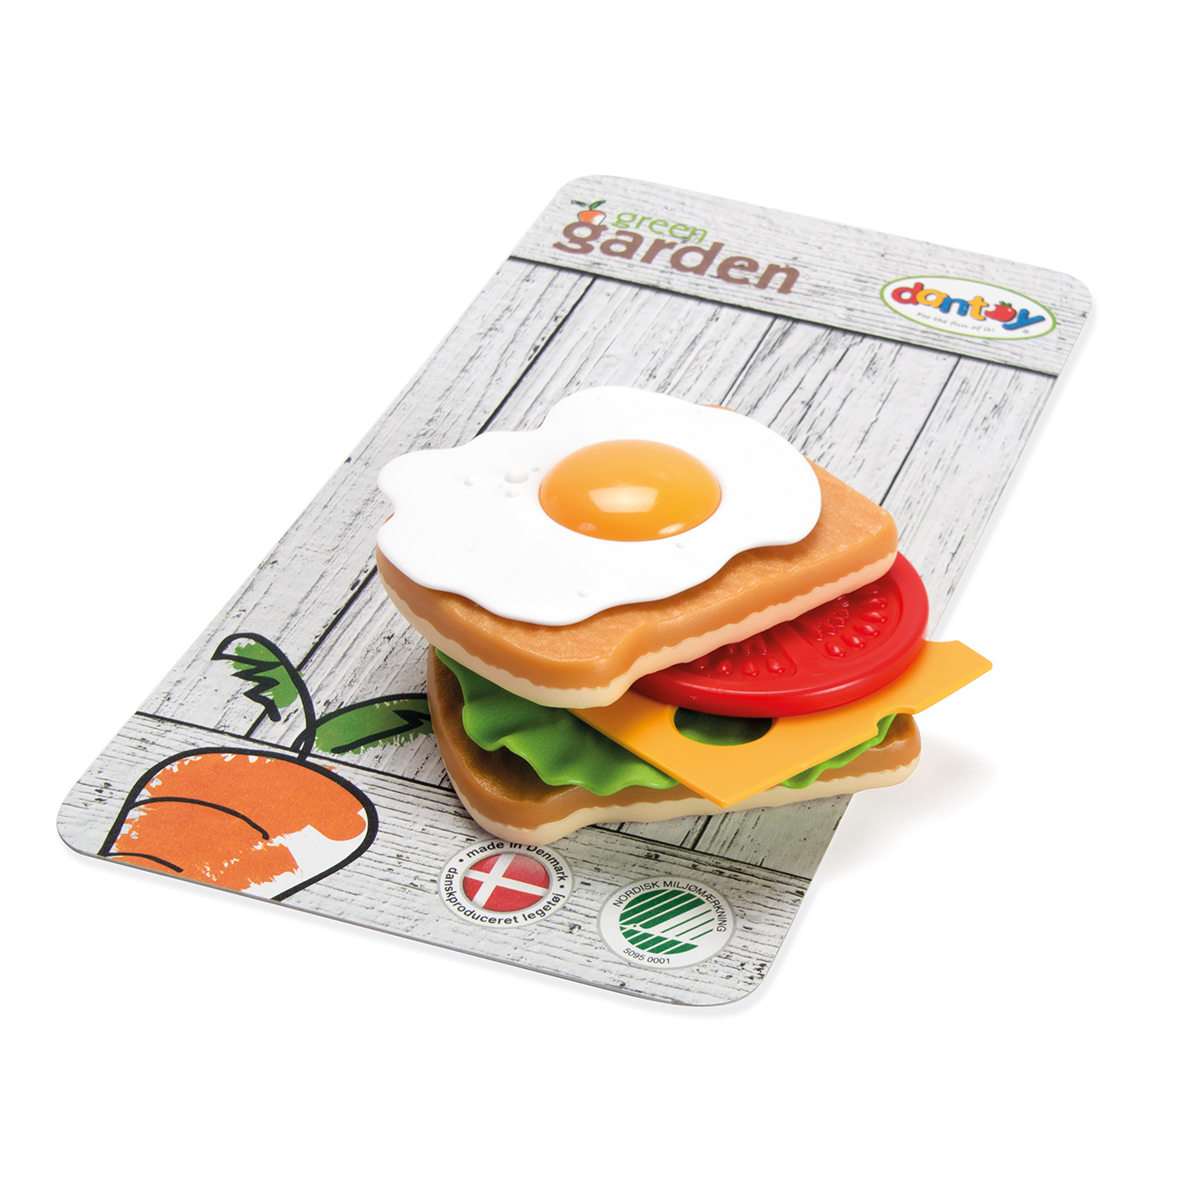 グリーンガーデン サンドイッチセット